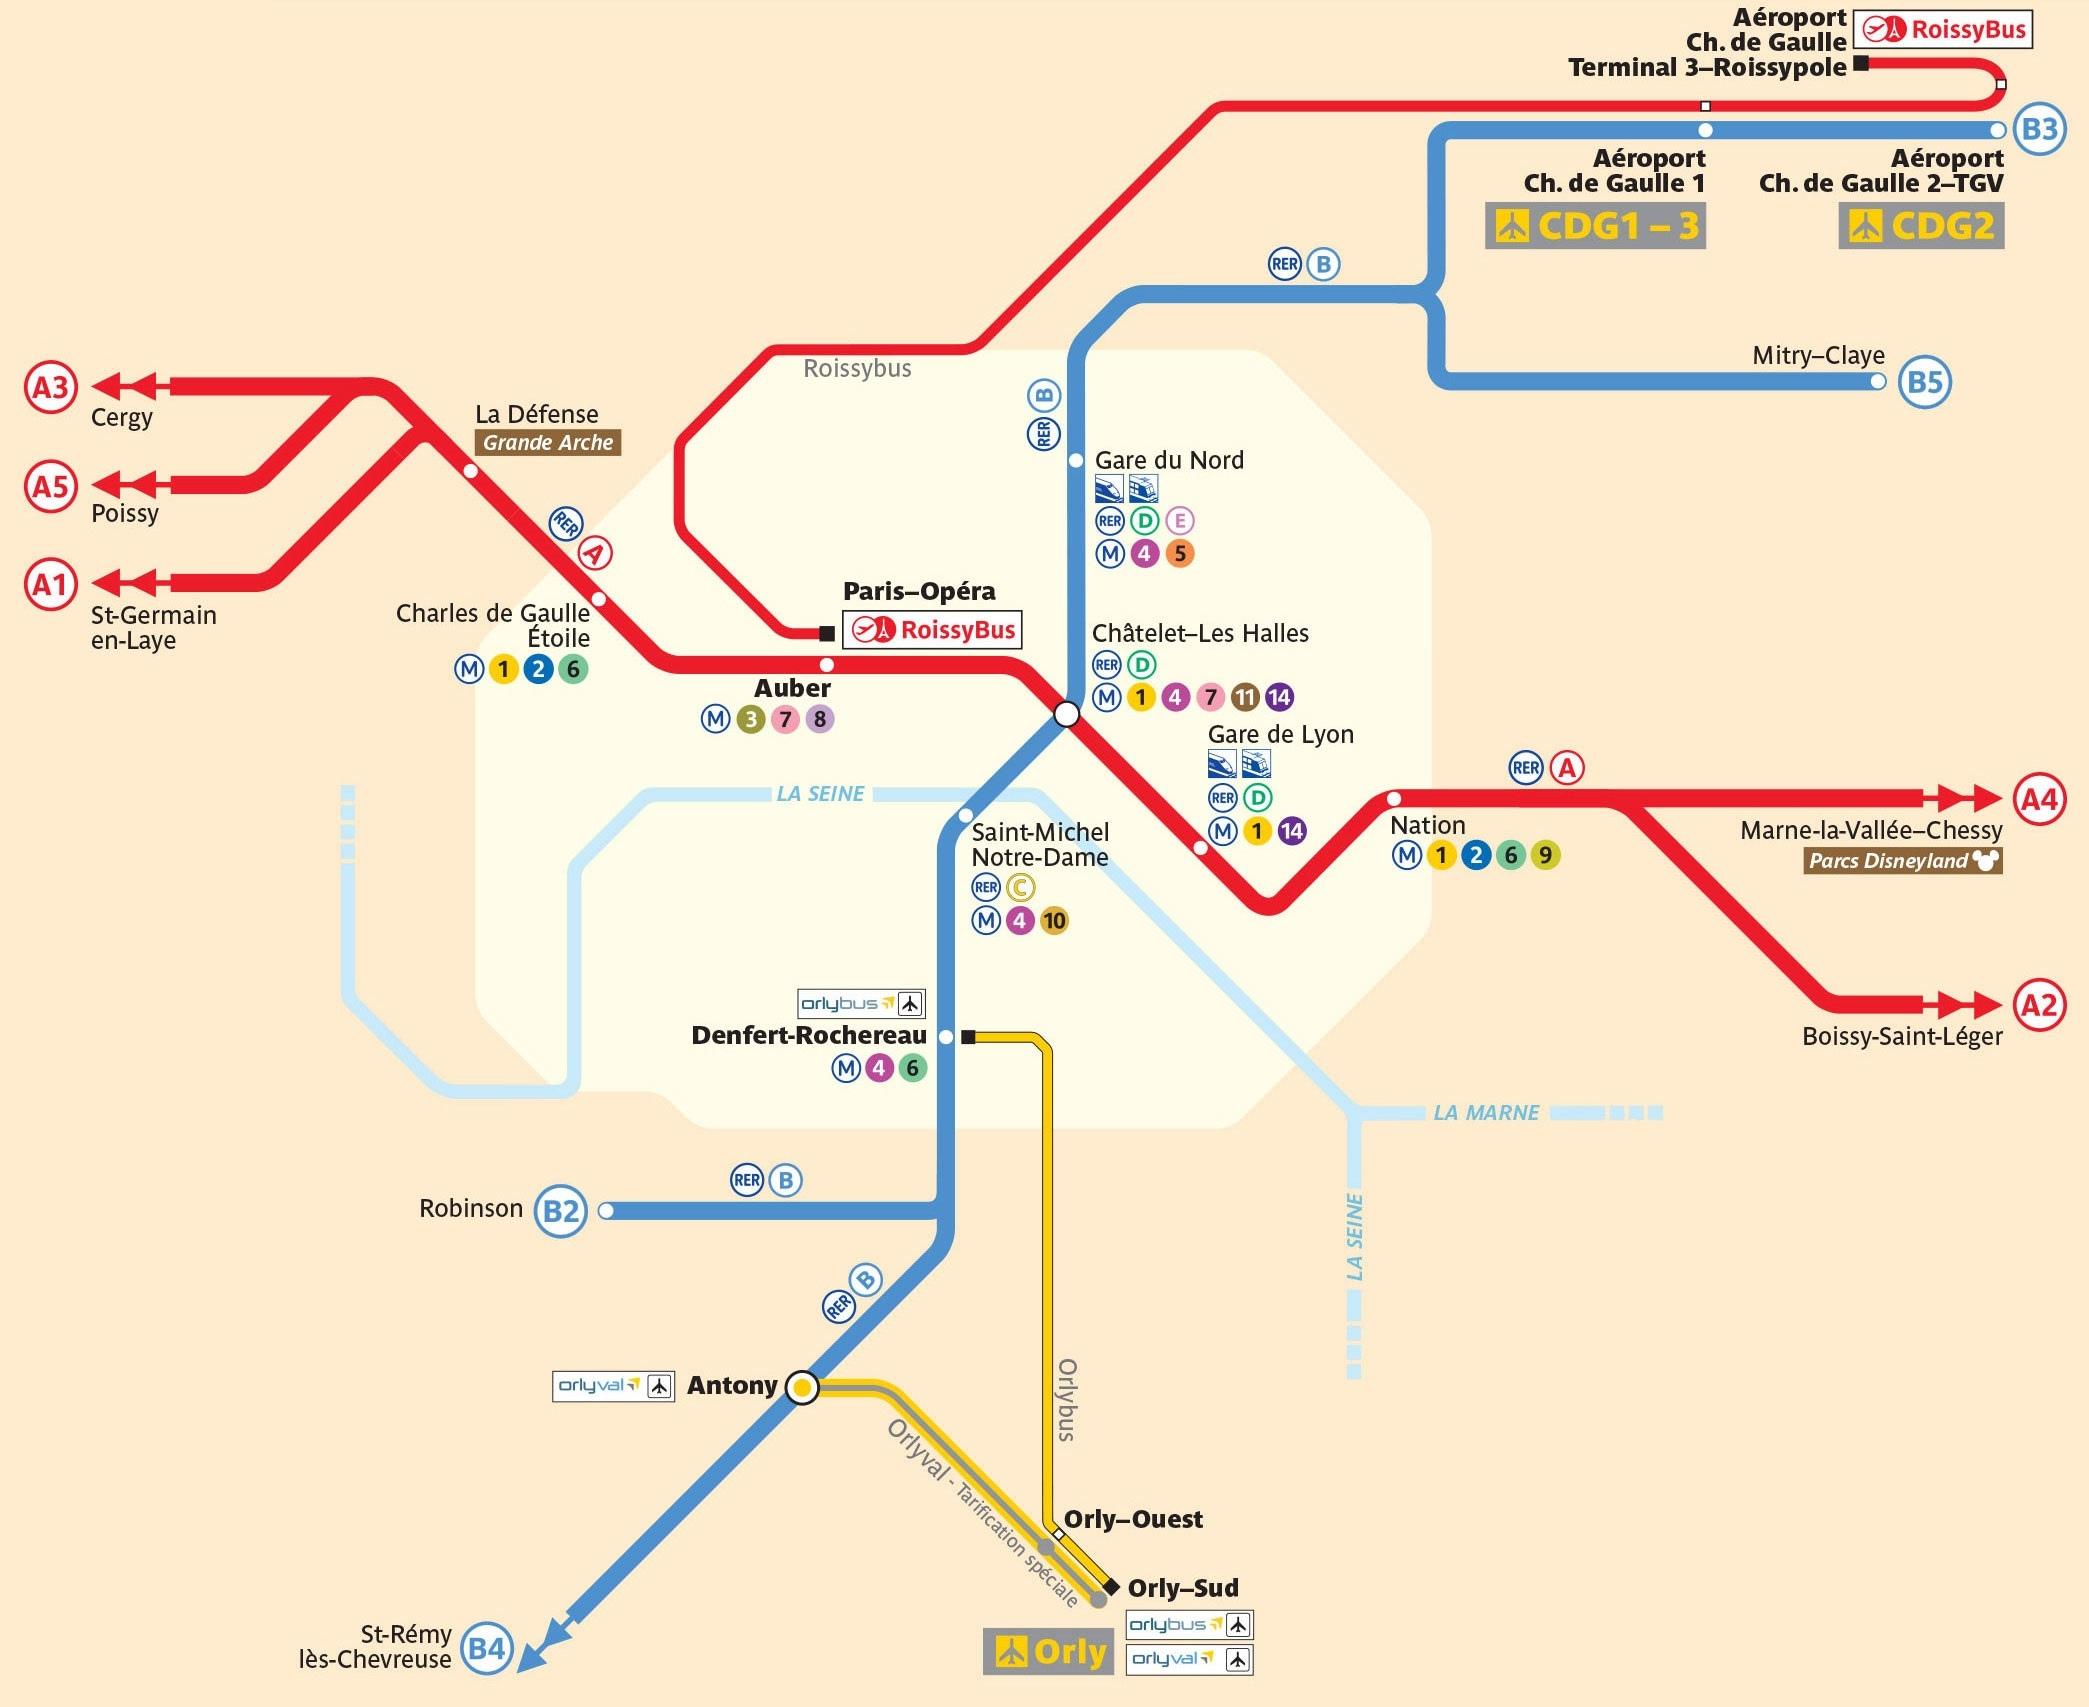 Схема транспортной инфраструктуры аэропорта Орли